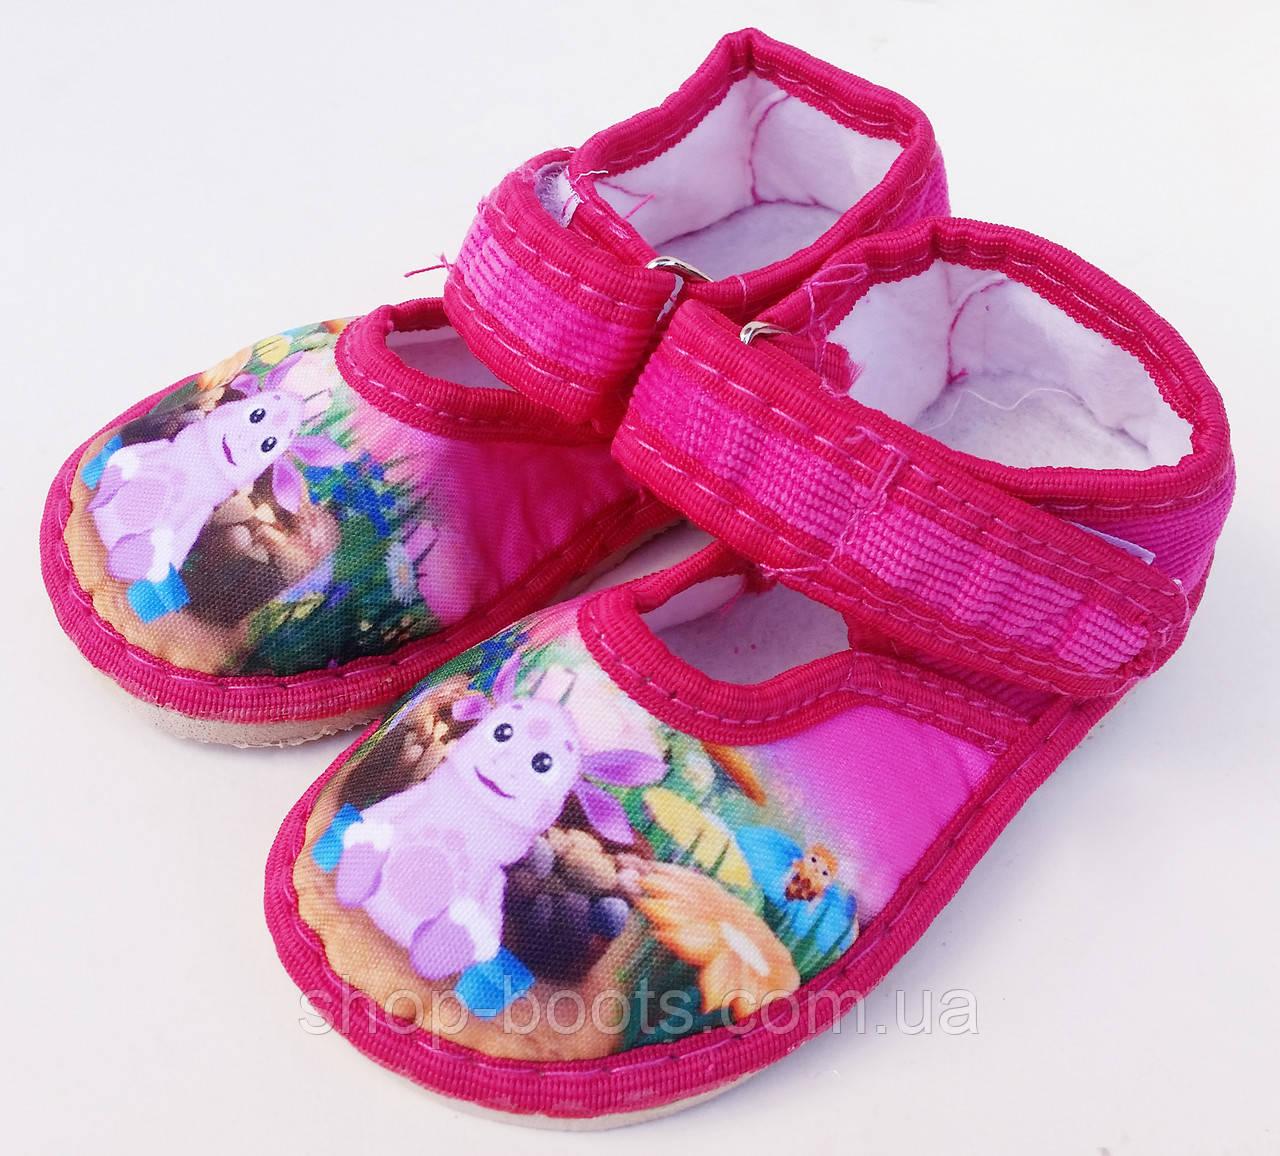 Детские тапочки пинетки для садика. 13 - 17.5 рр. Модель пинетки лунтик розовый